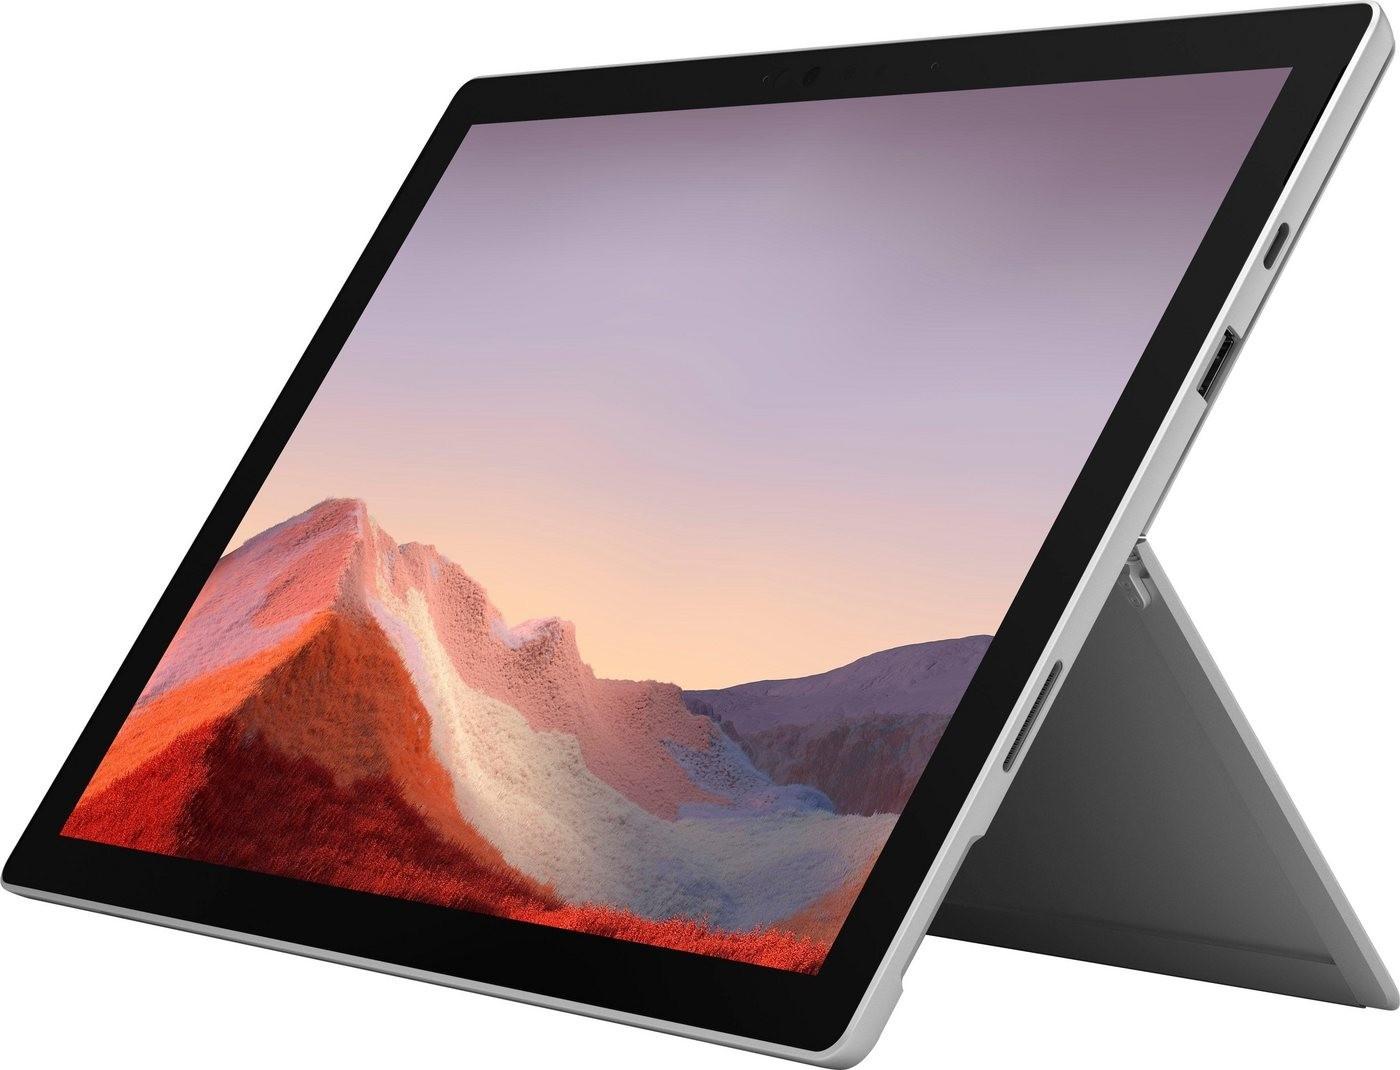 Neues Modell 2019: Microsoft Surface Pro 7 ab 771,10€ inkl. Versandkosten - alle Modelle zu Bestpreisen! - [Schwab Bestandskunden]